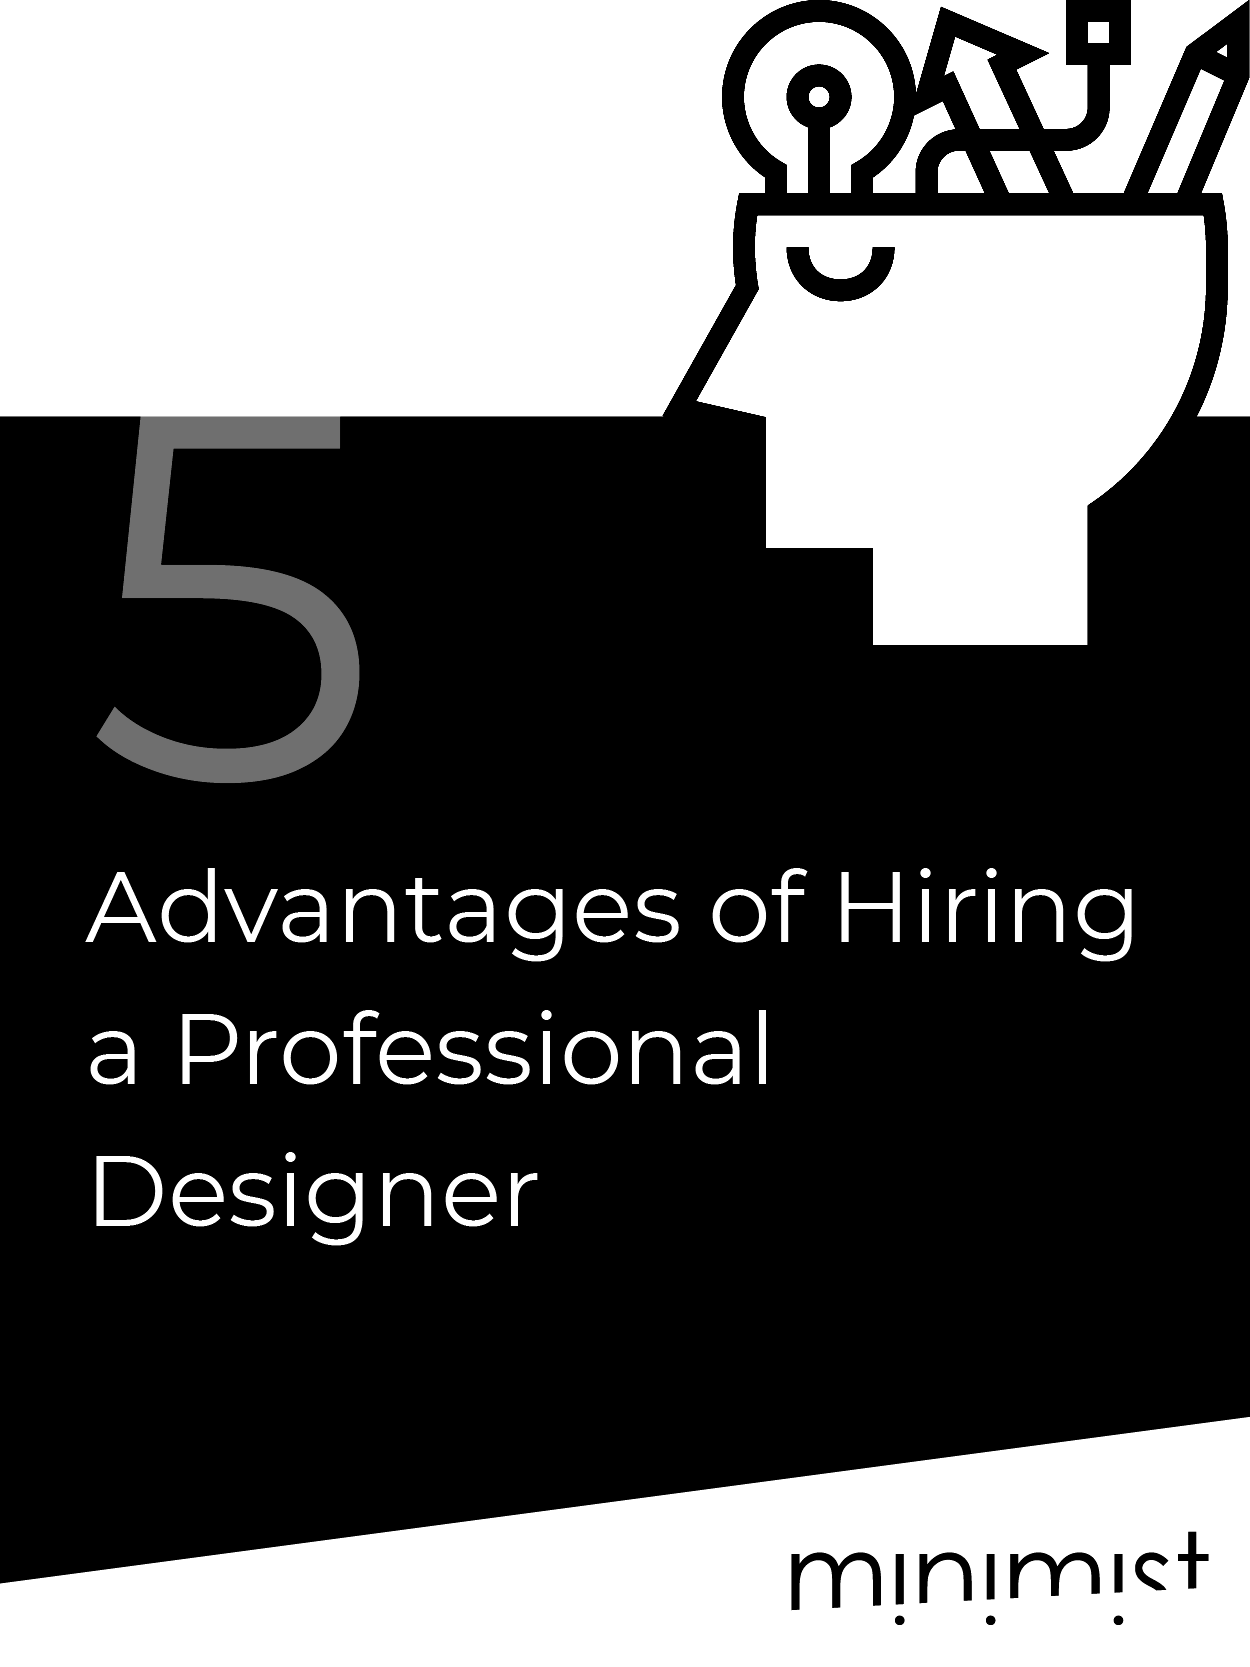 5 Advantages of Hiring a Professional Deisgner